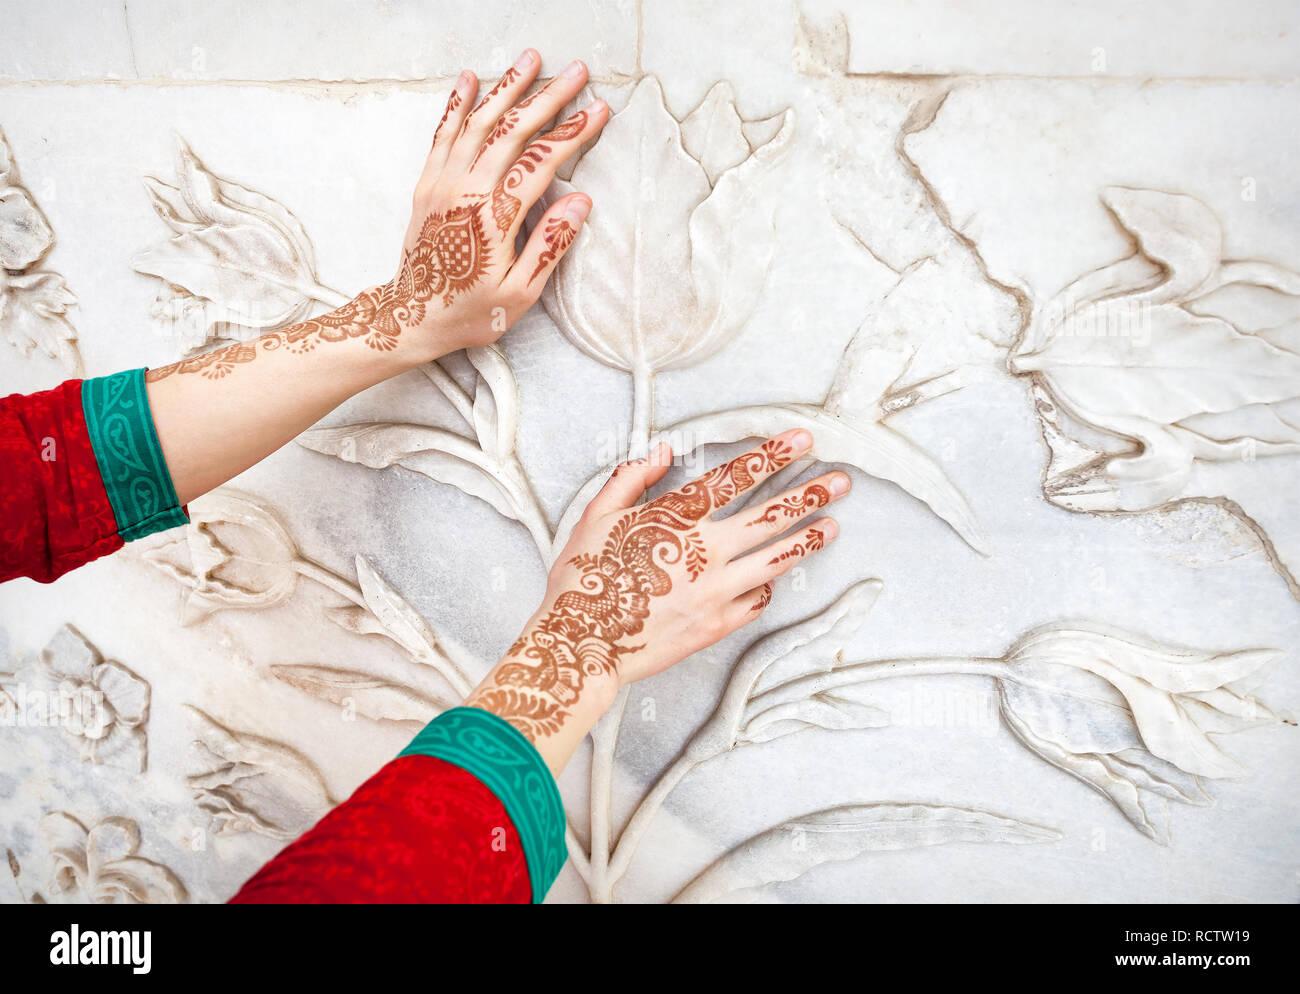 ed5a443d45ca Woman in Red costume indiano toccando il marmo bianco parete con motivo  floreale dalle mani di